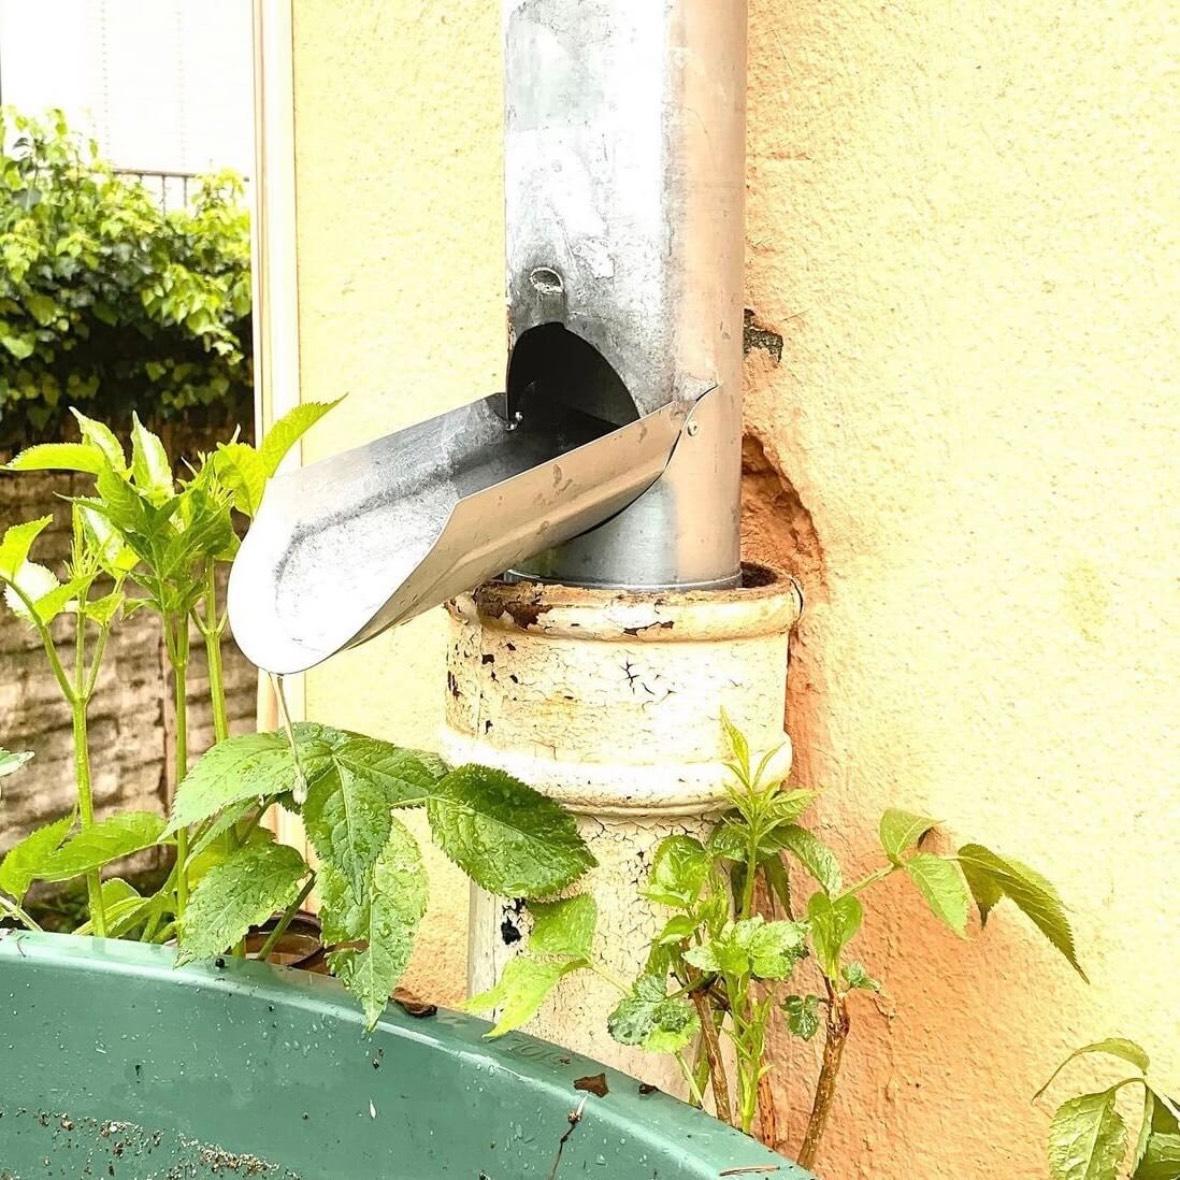 Wasser sparen mit Öffnung in Regenrohr